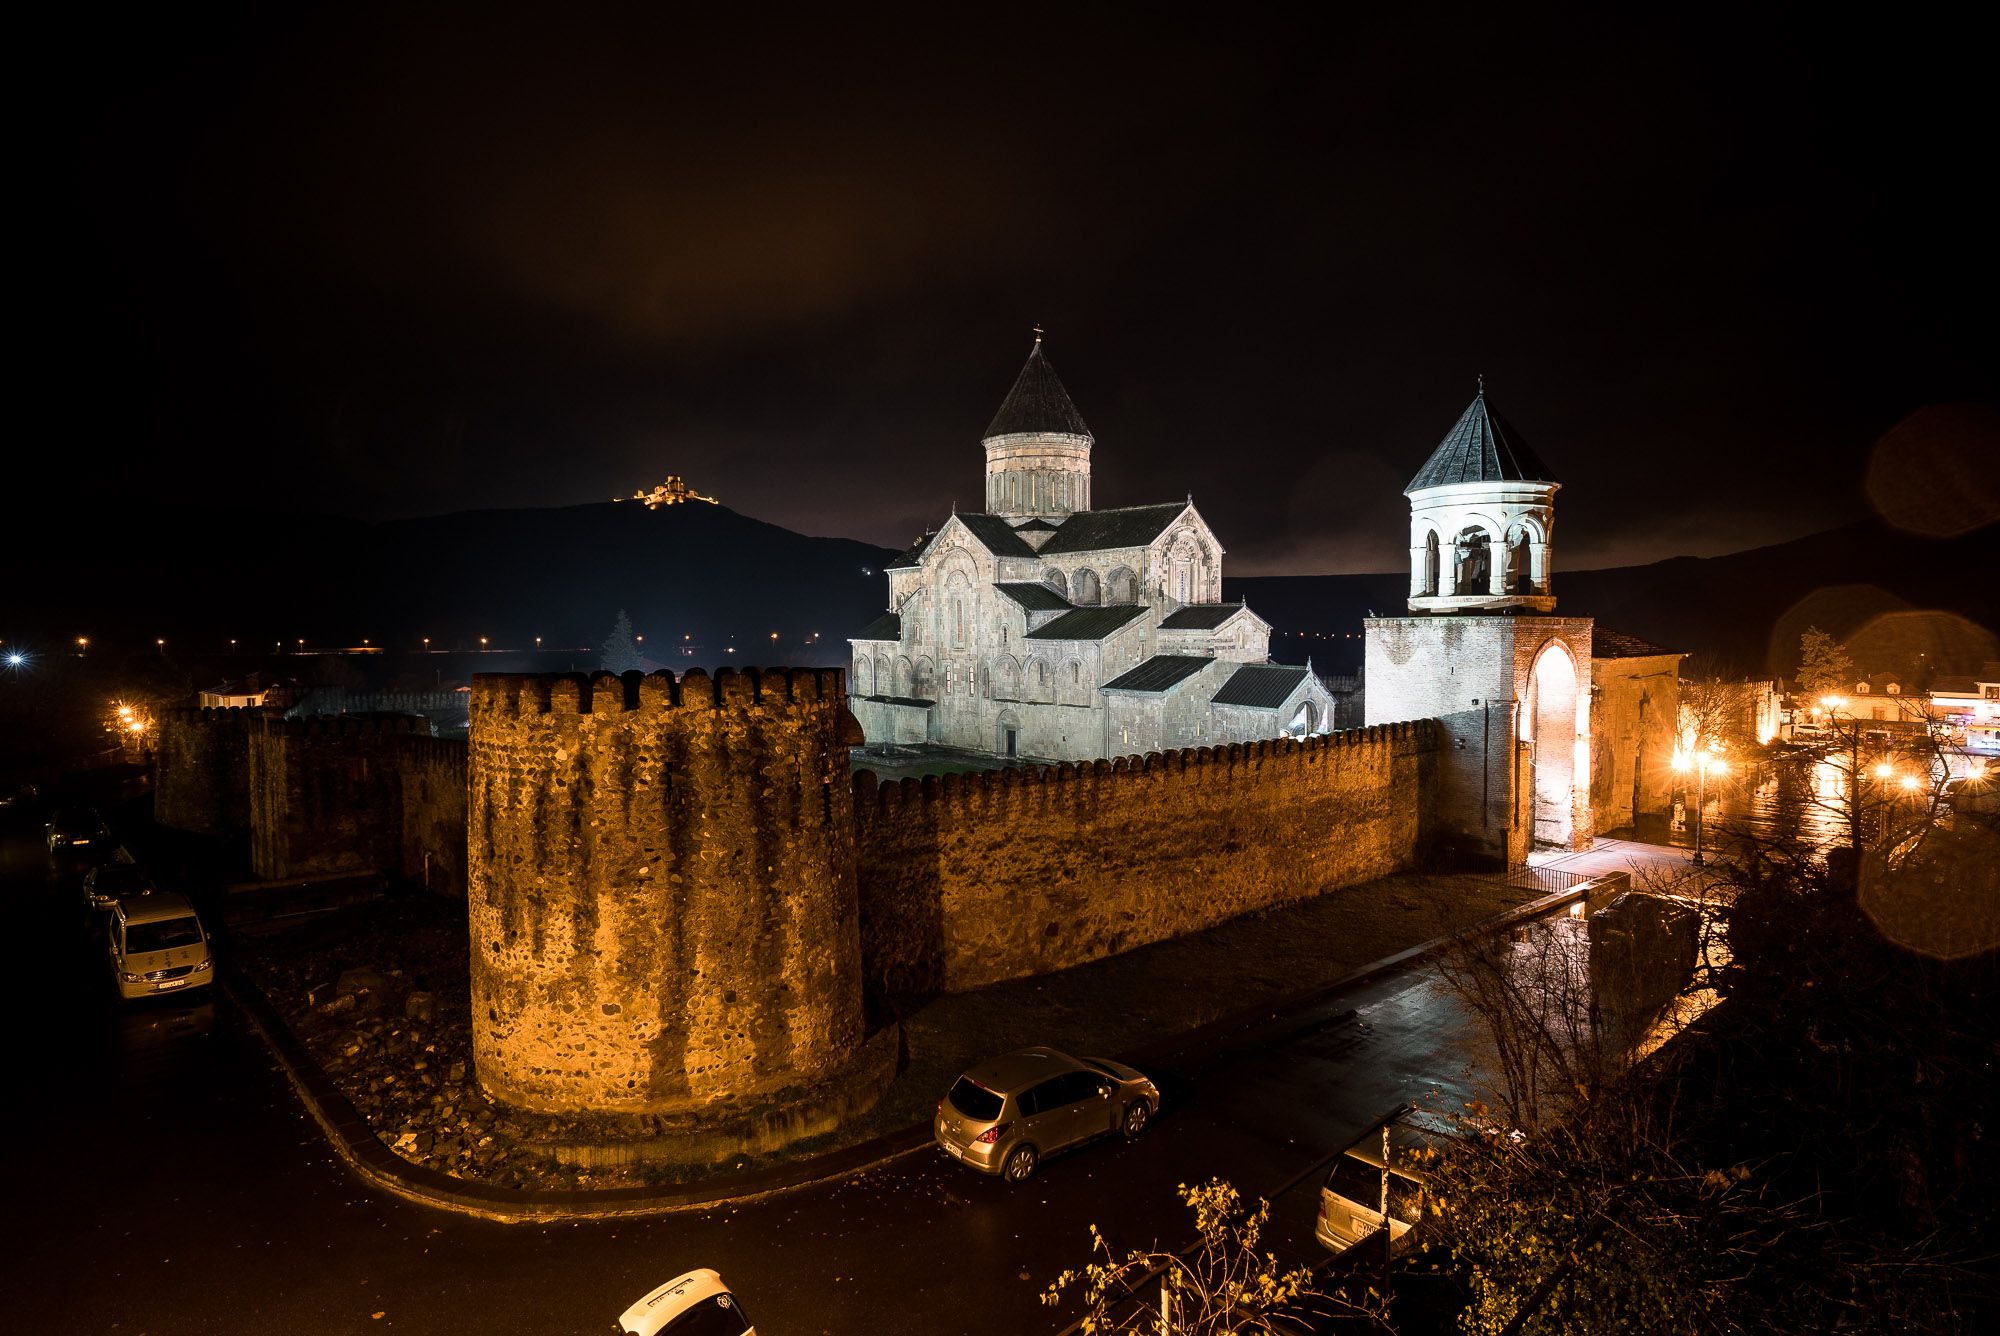 Mtskheta Cathedral at night